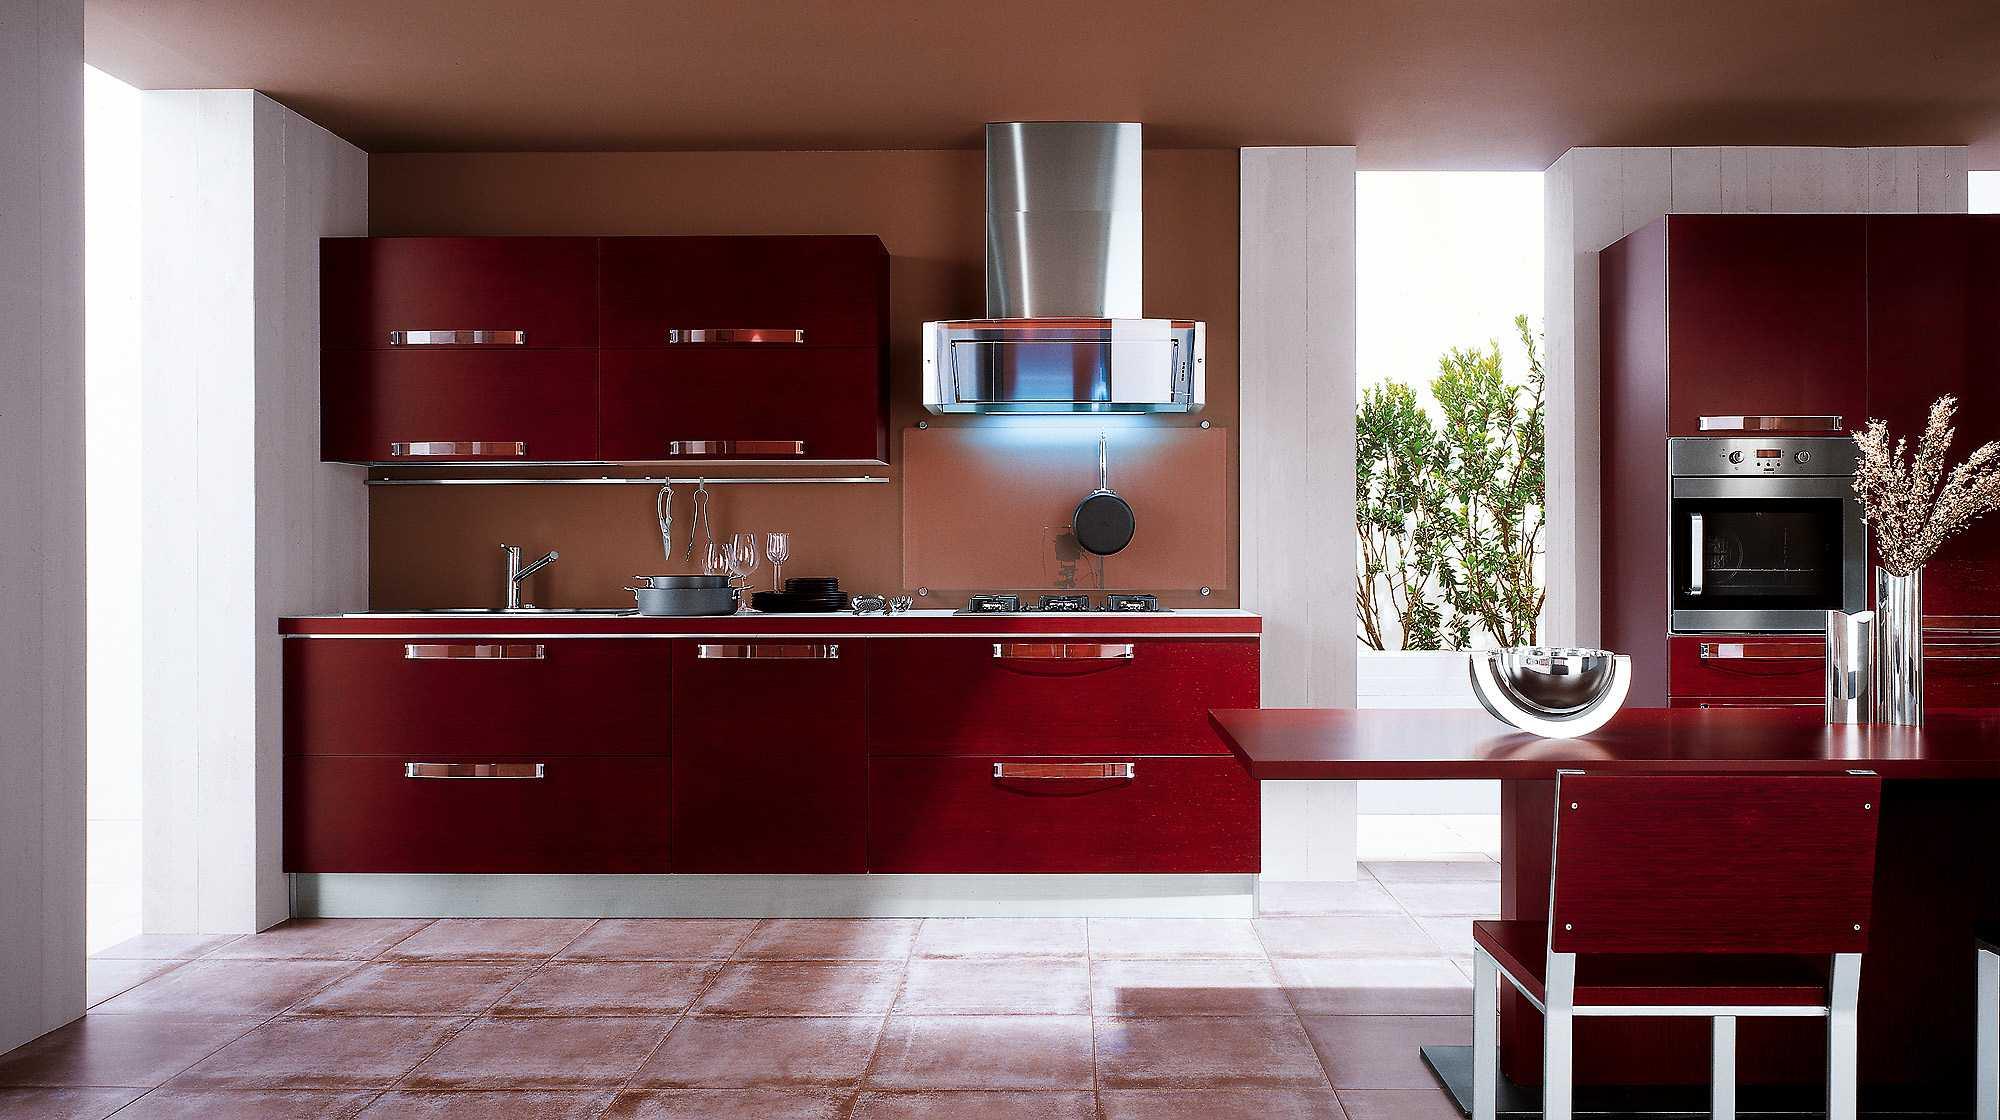 9 принципов сочетания цветов в интерьере кухни